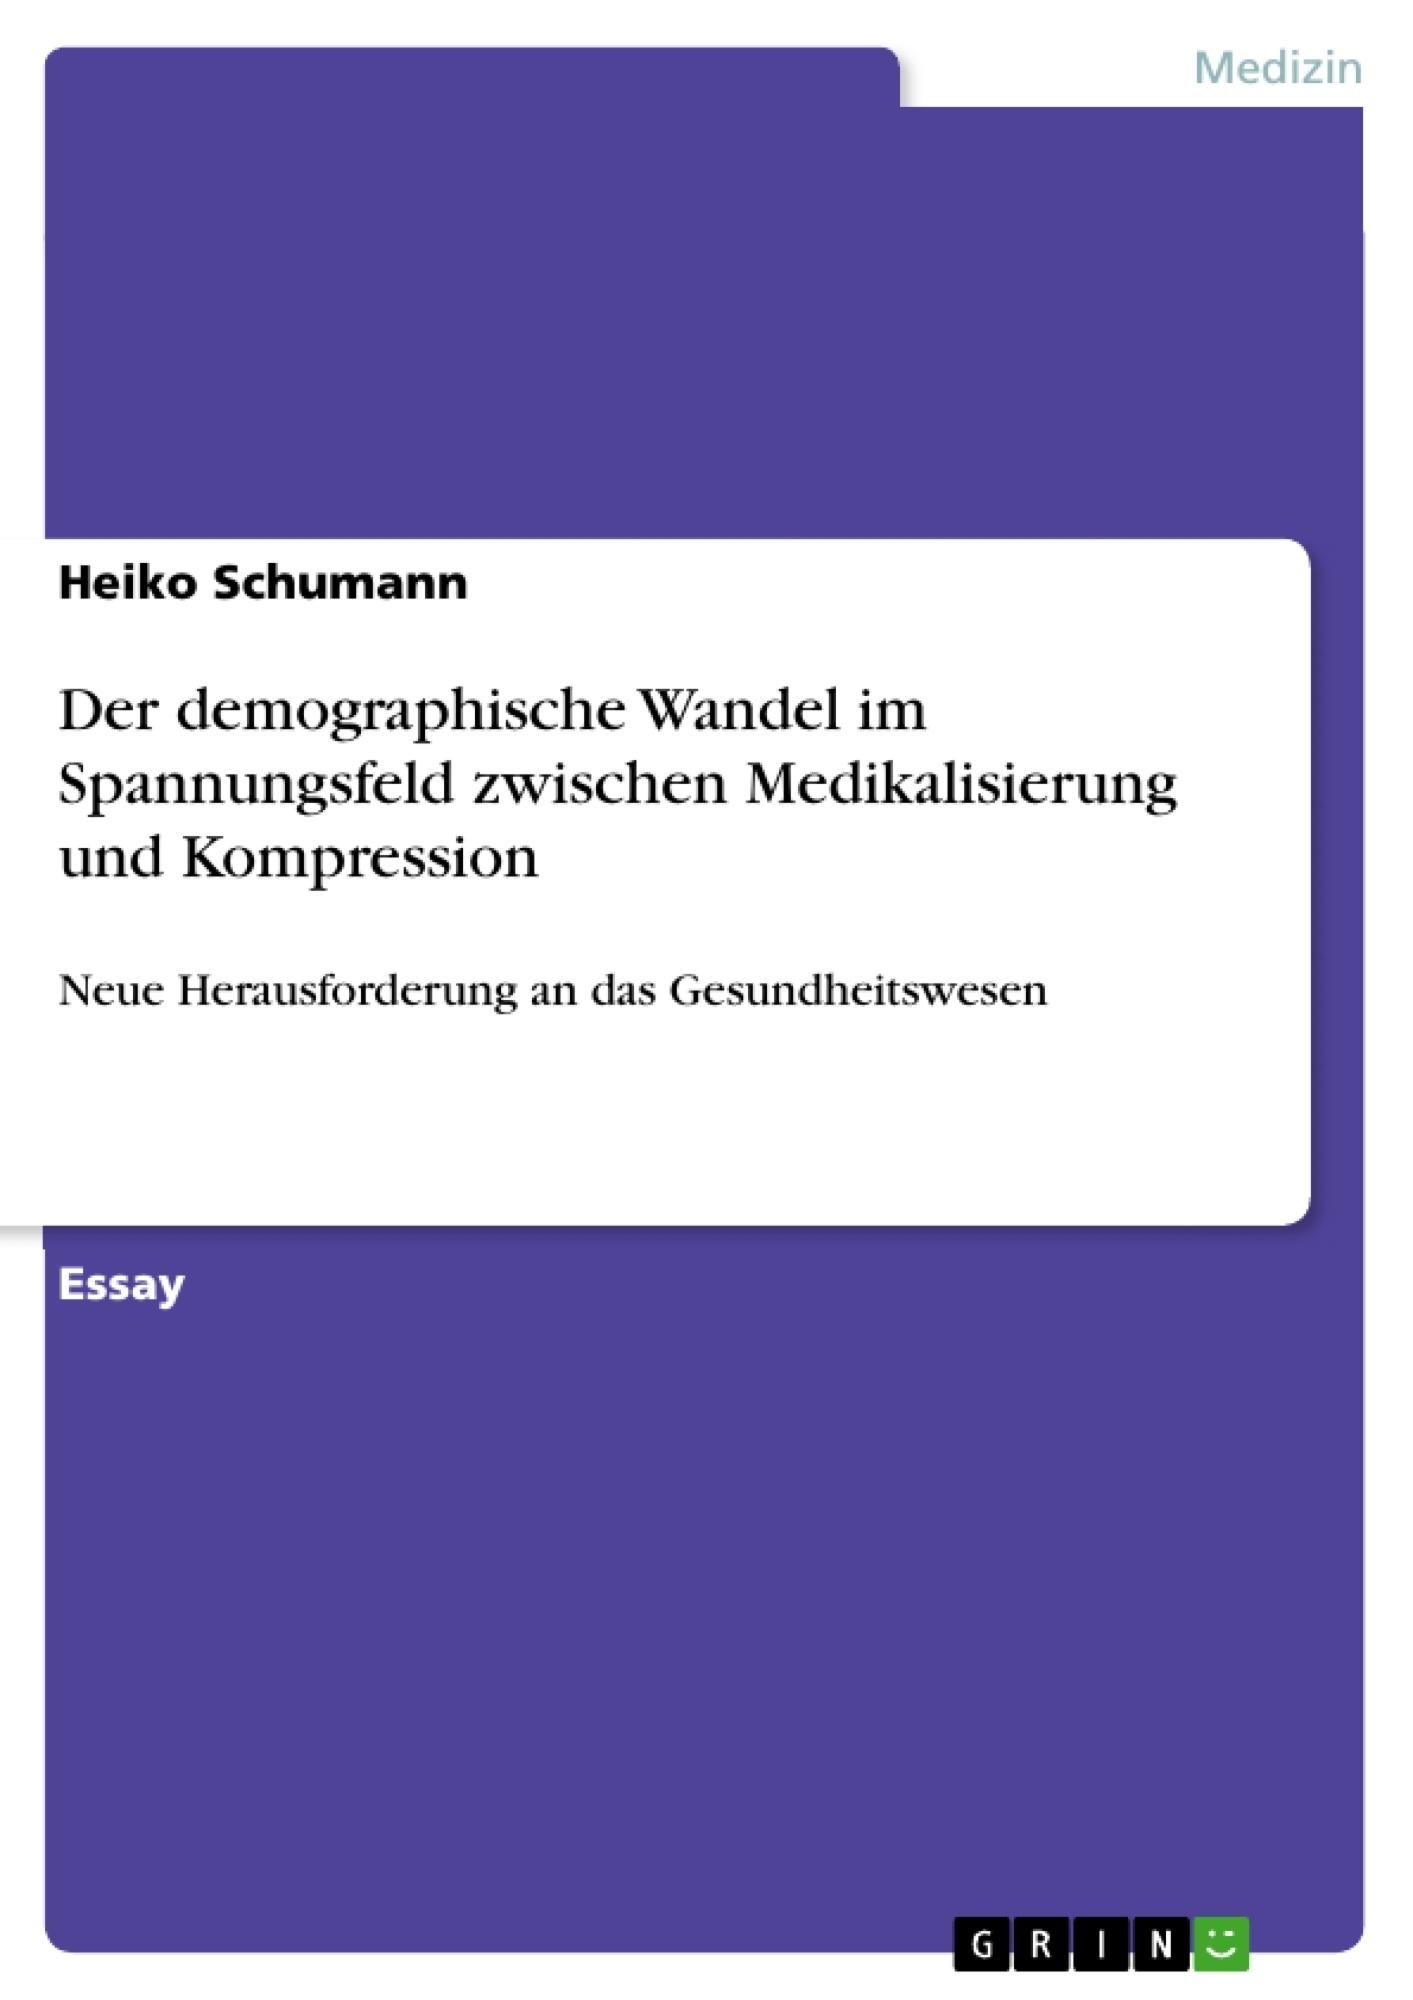 Titel: Der demographische Wandel im Spannungsfeld zwischen Medikalisierung und Kompression